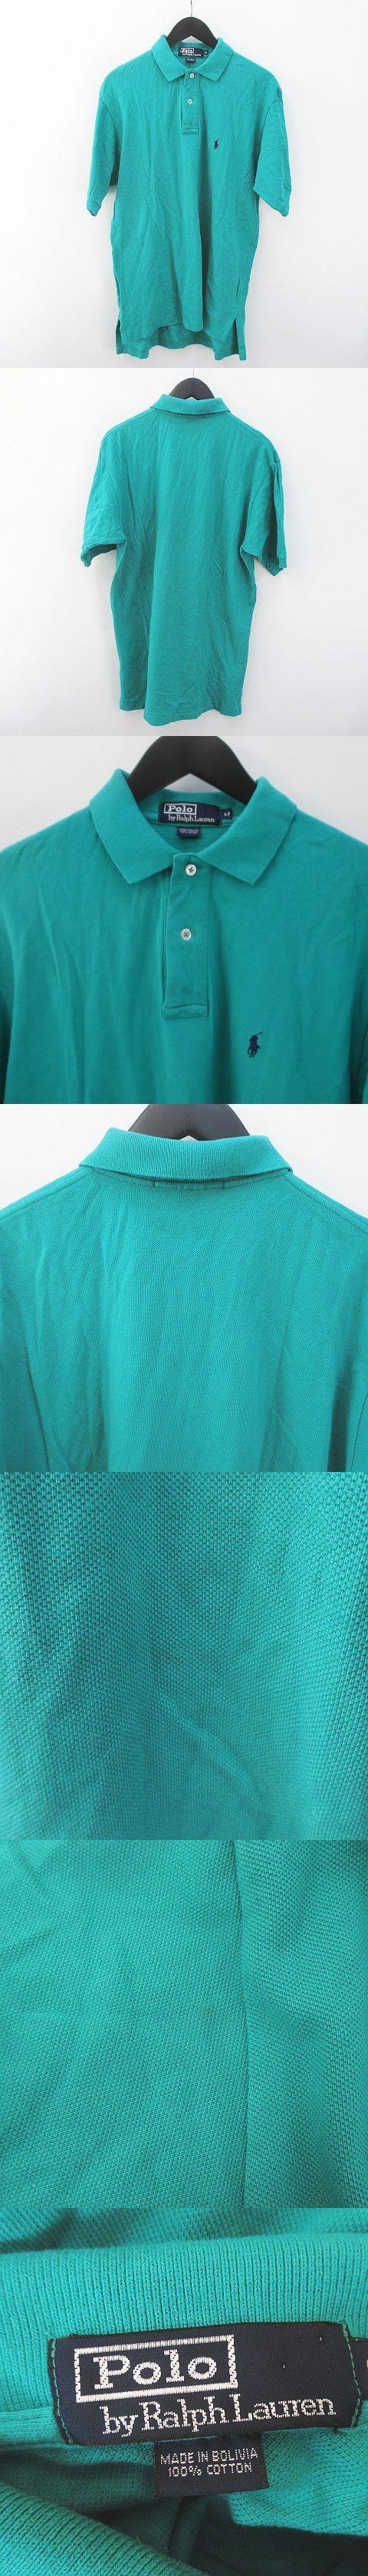 半袖 ポロシャツ M 緑 グリーン系 ワンポイント ロゴ 刺繍 ステッチ 綿 コットン